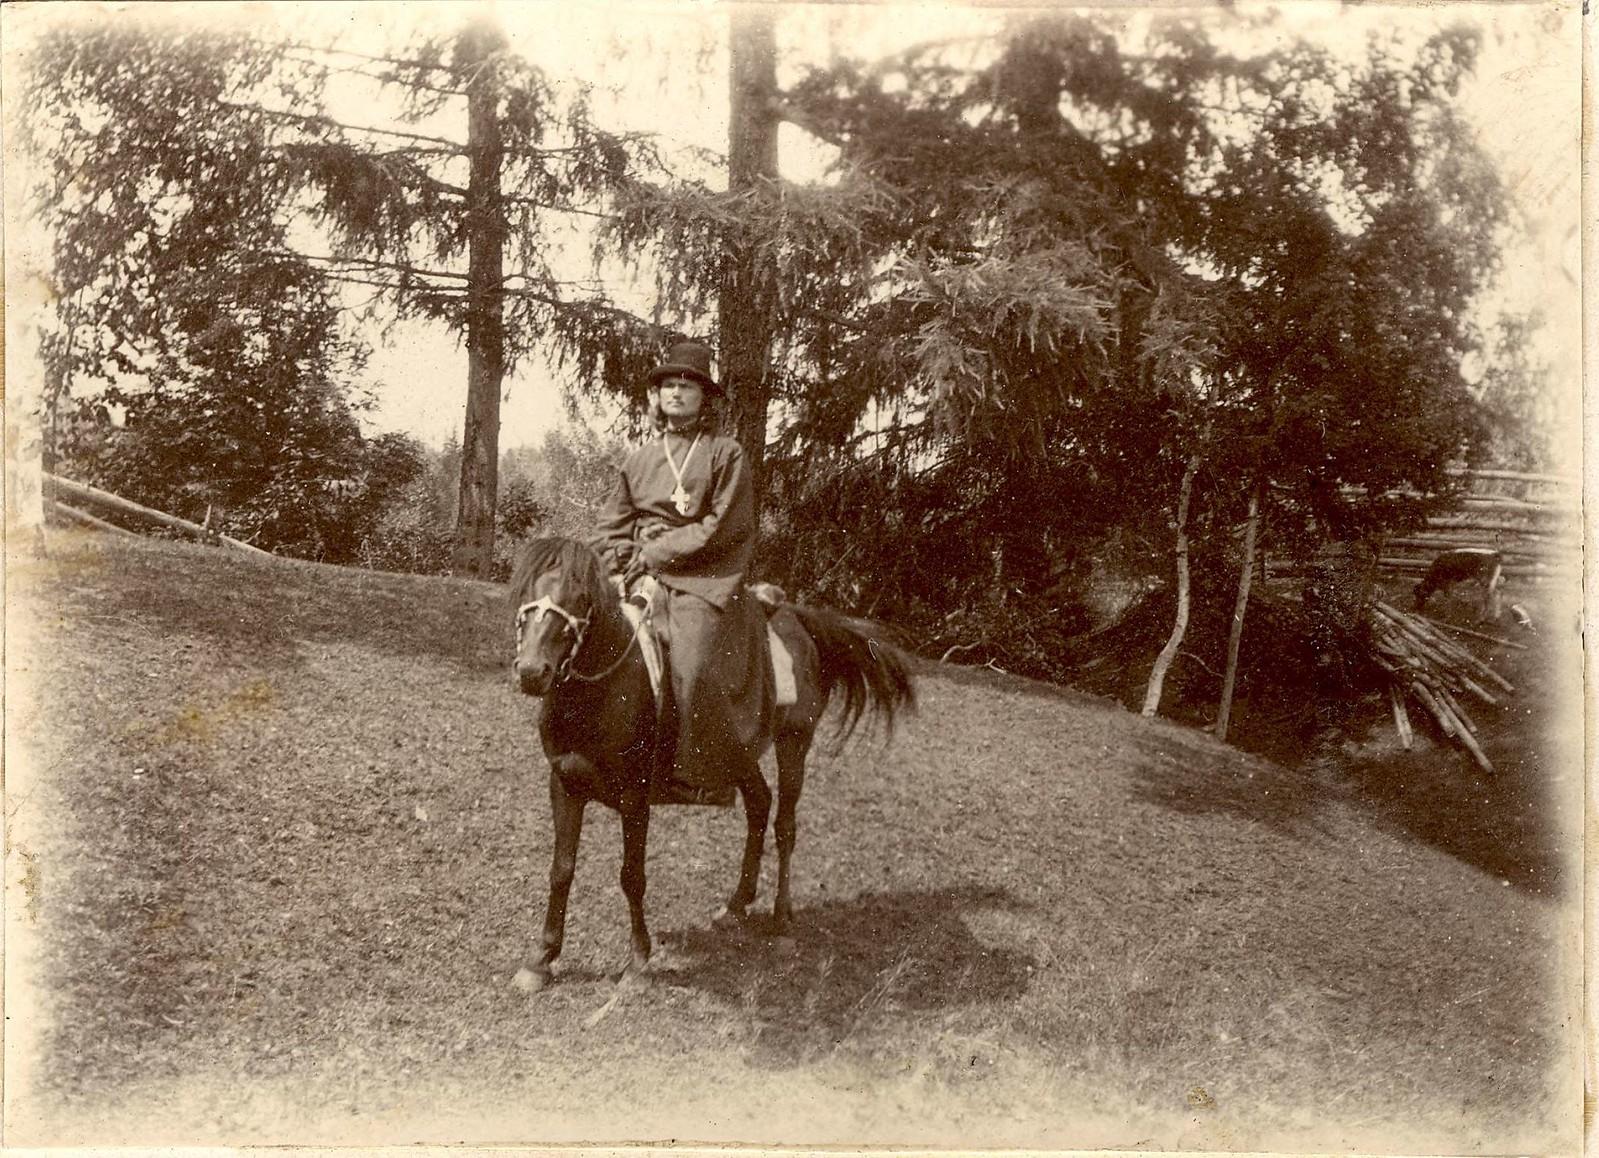 17. Священник верхом на лошади на опушке леса